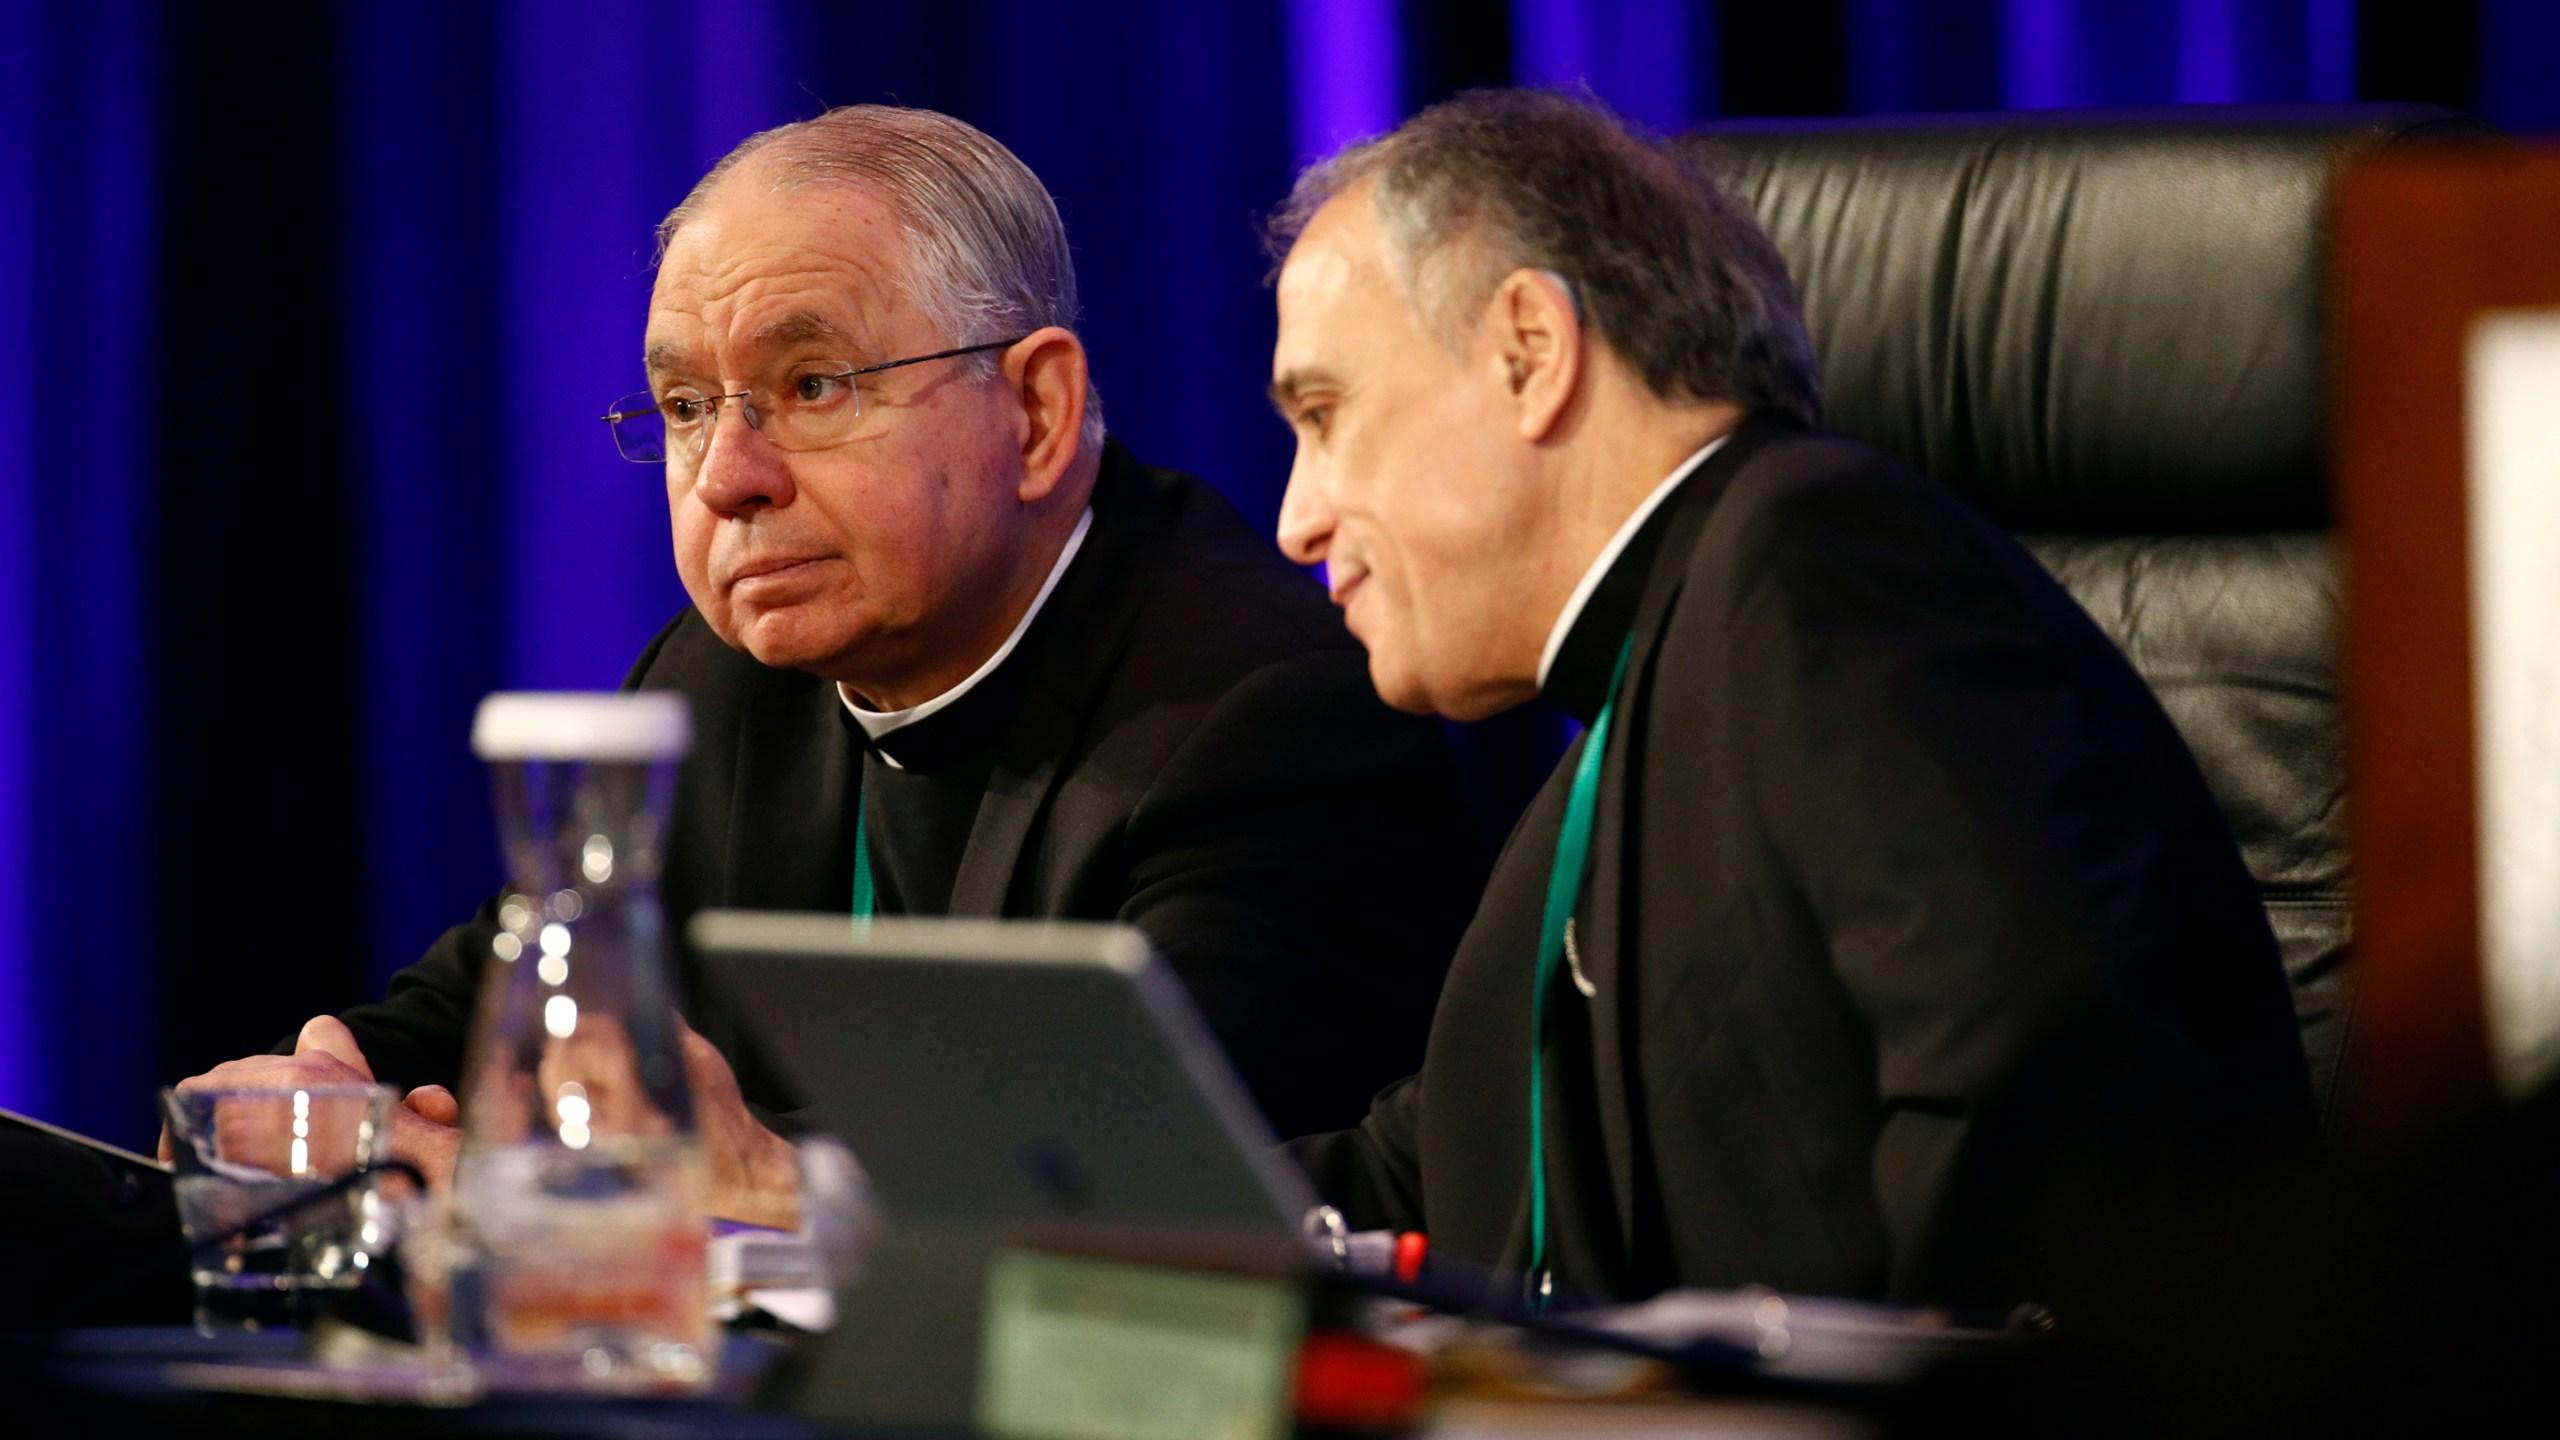 Daniel DiNardo, Jose Gomez